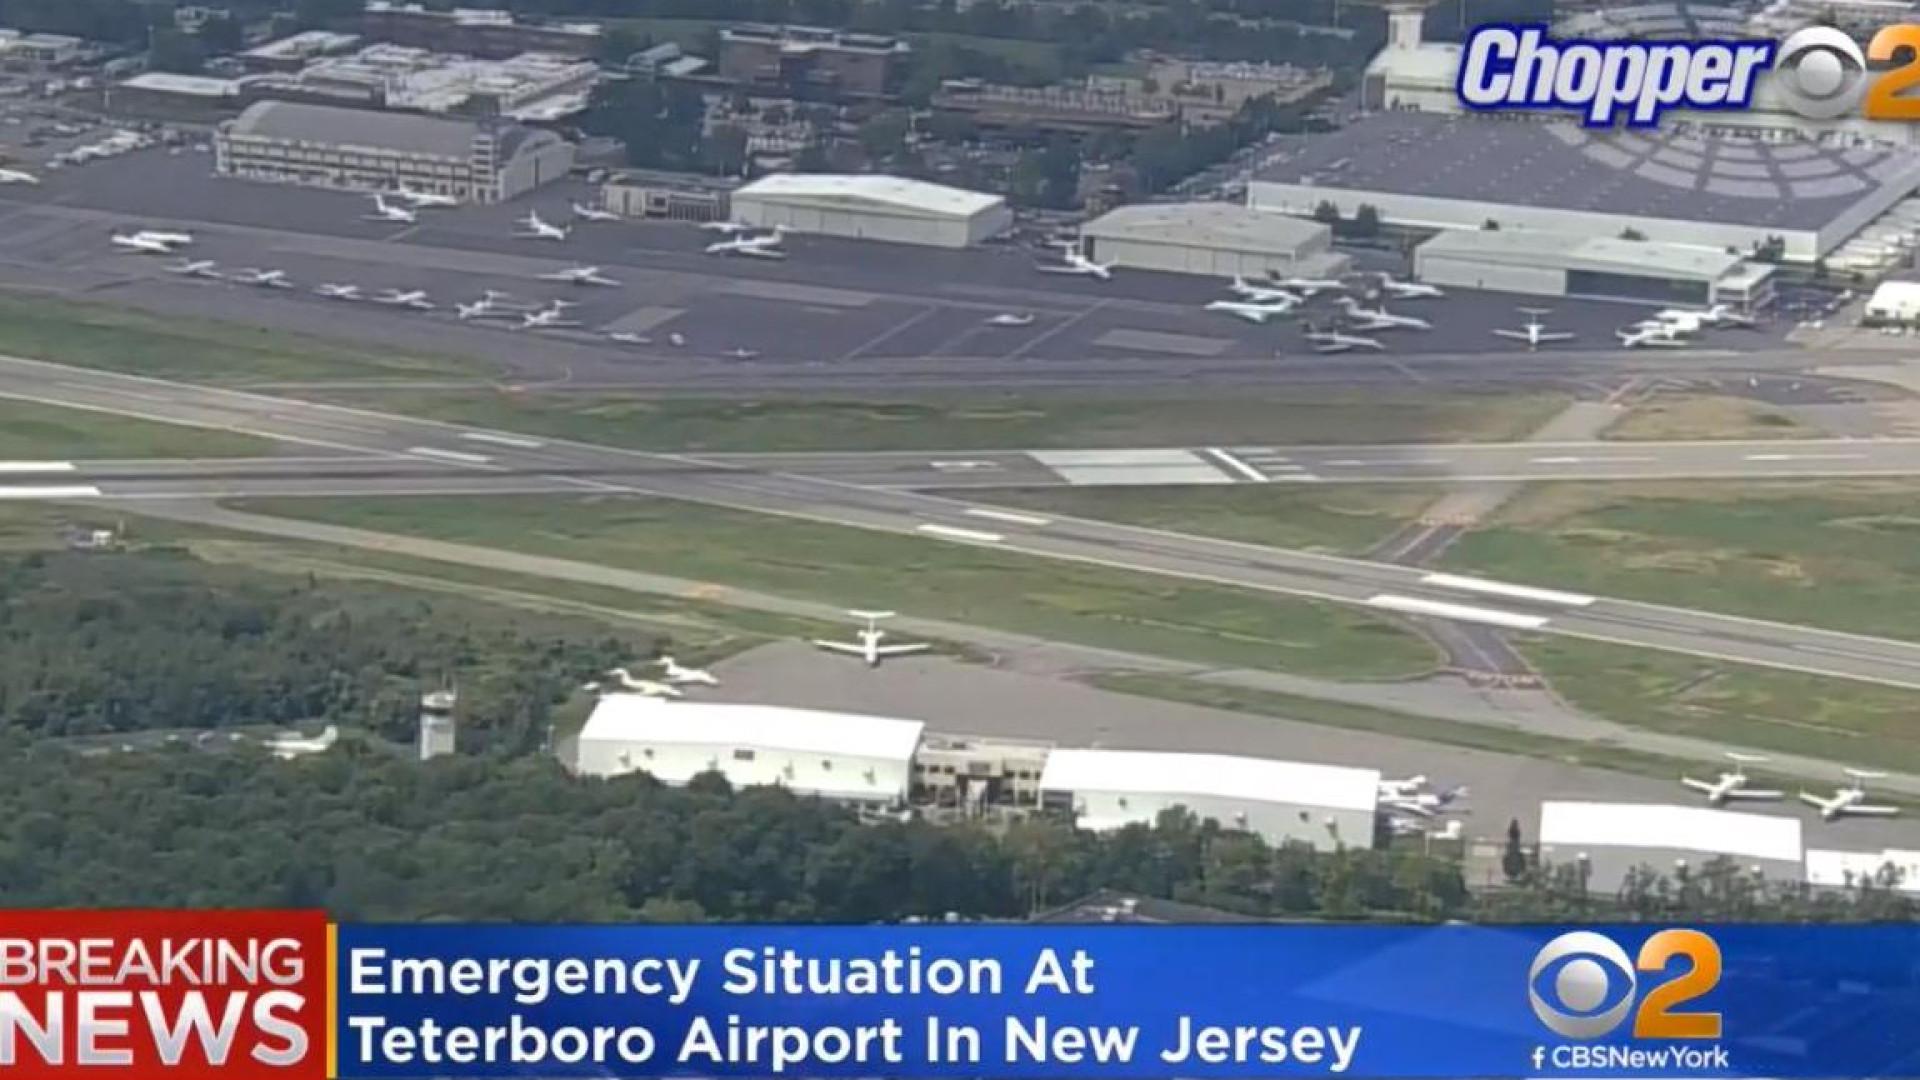 Nova Jérsia: Avião vai tentar aterrar com dois pneus rebentados